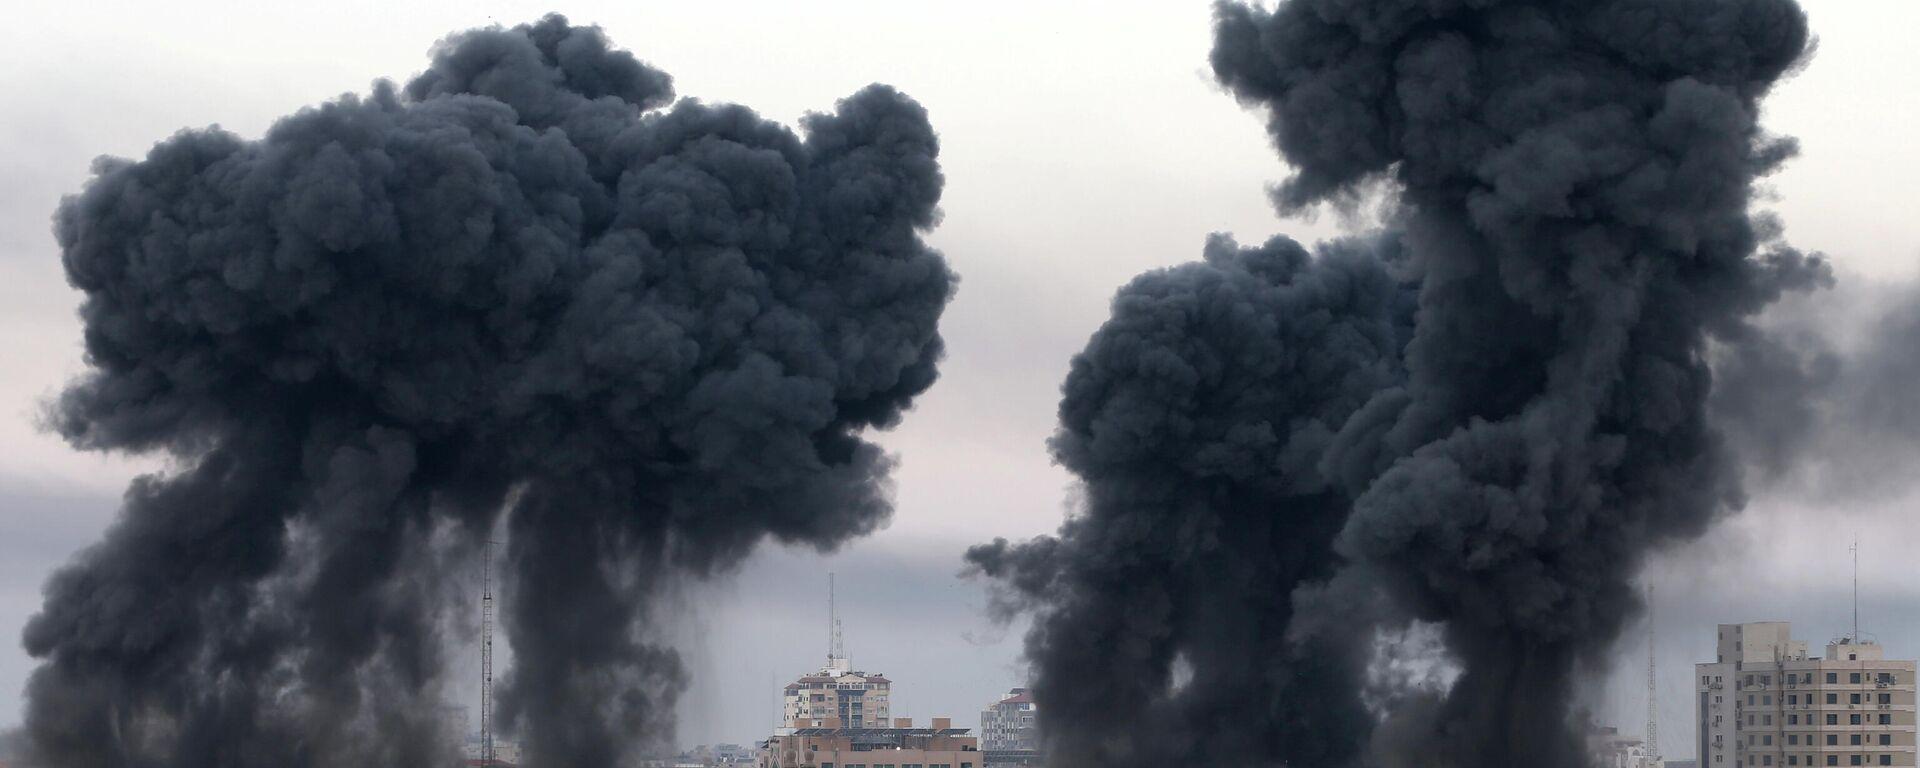 Israel bombardea la Franja de Gaza - Sputnik Mundo, 1920, 16.05.2021